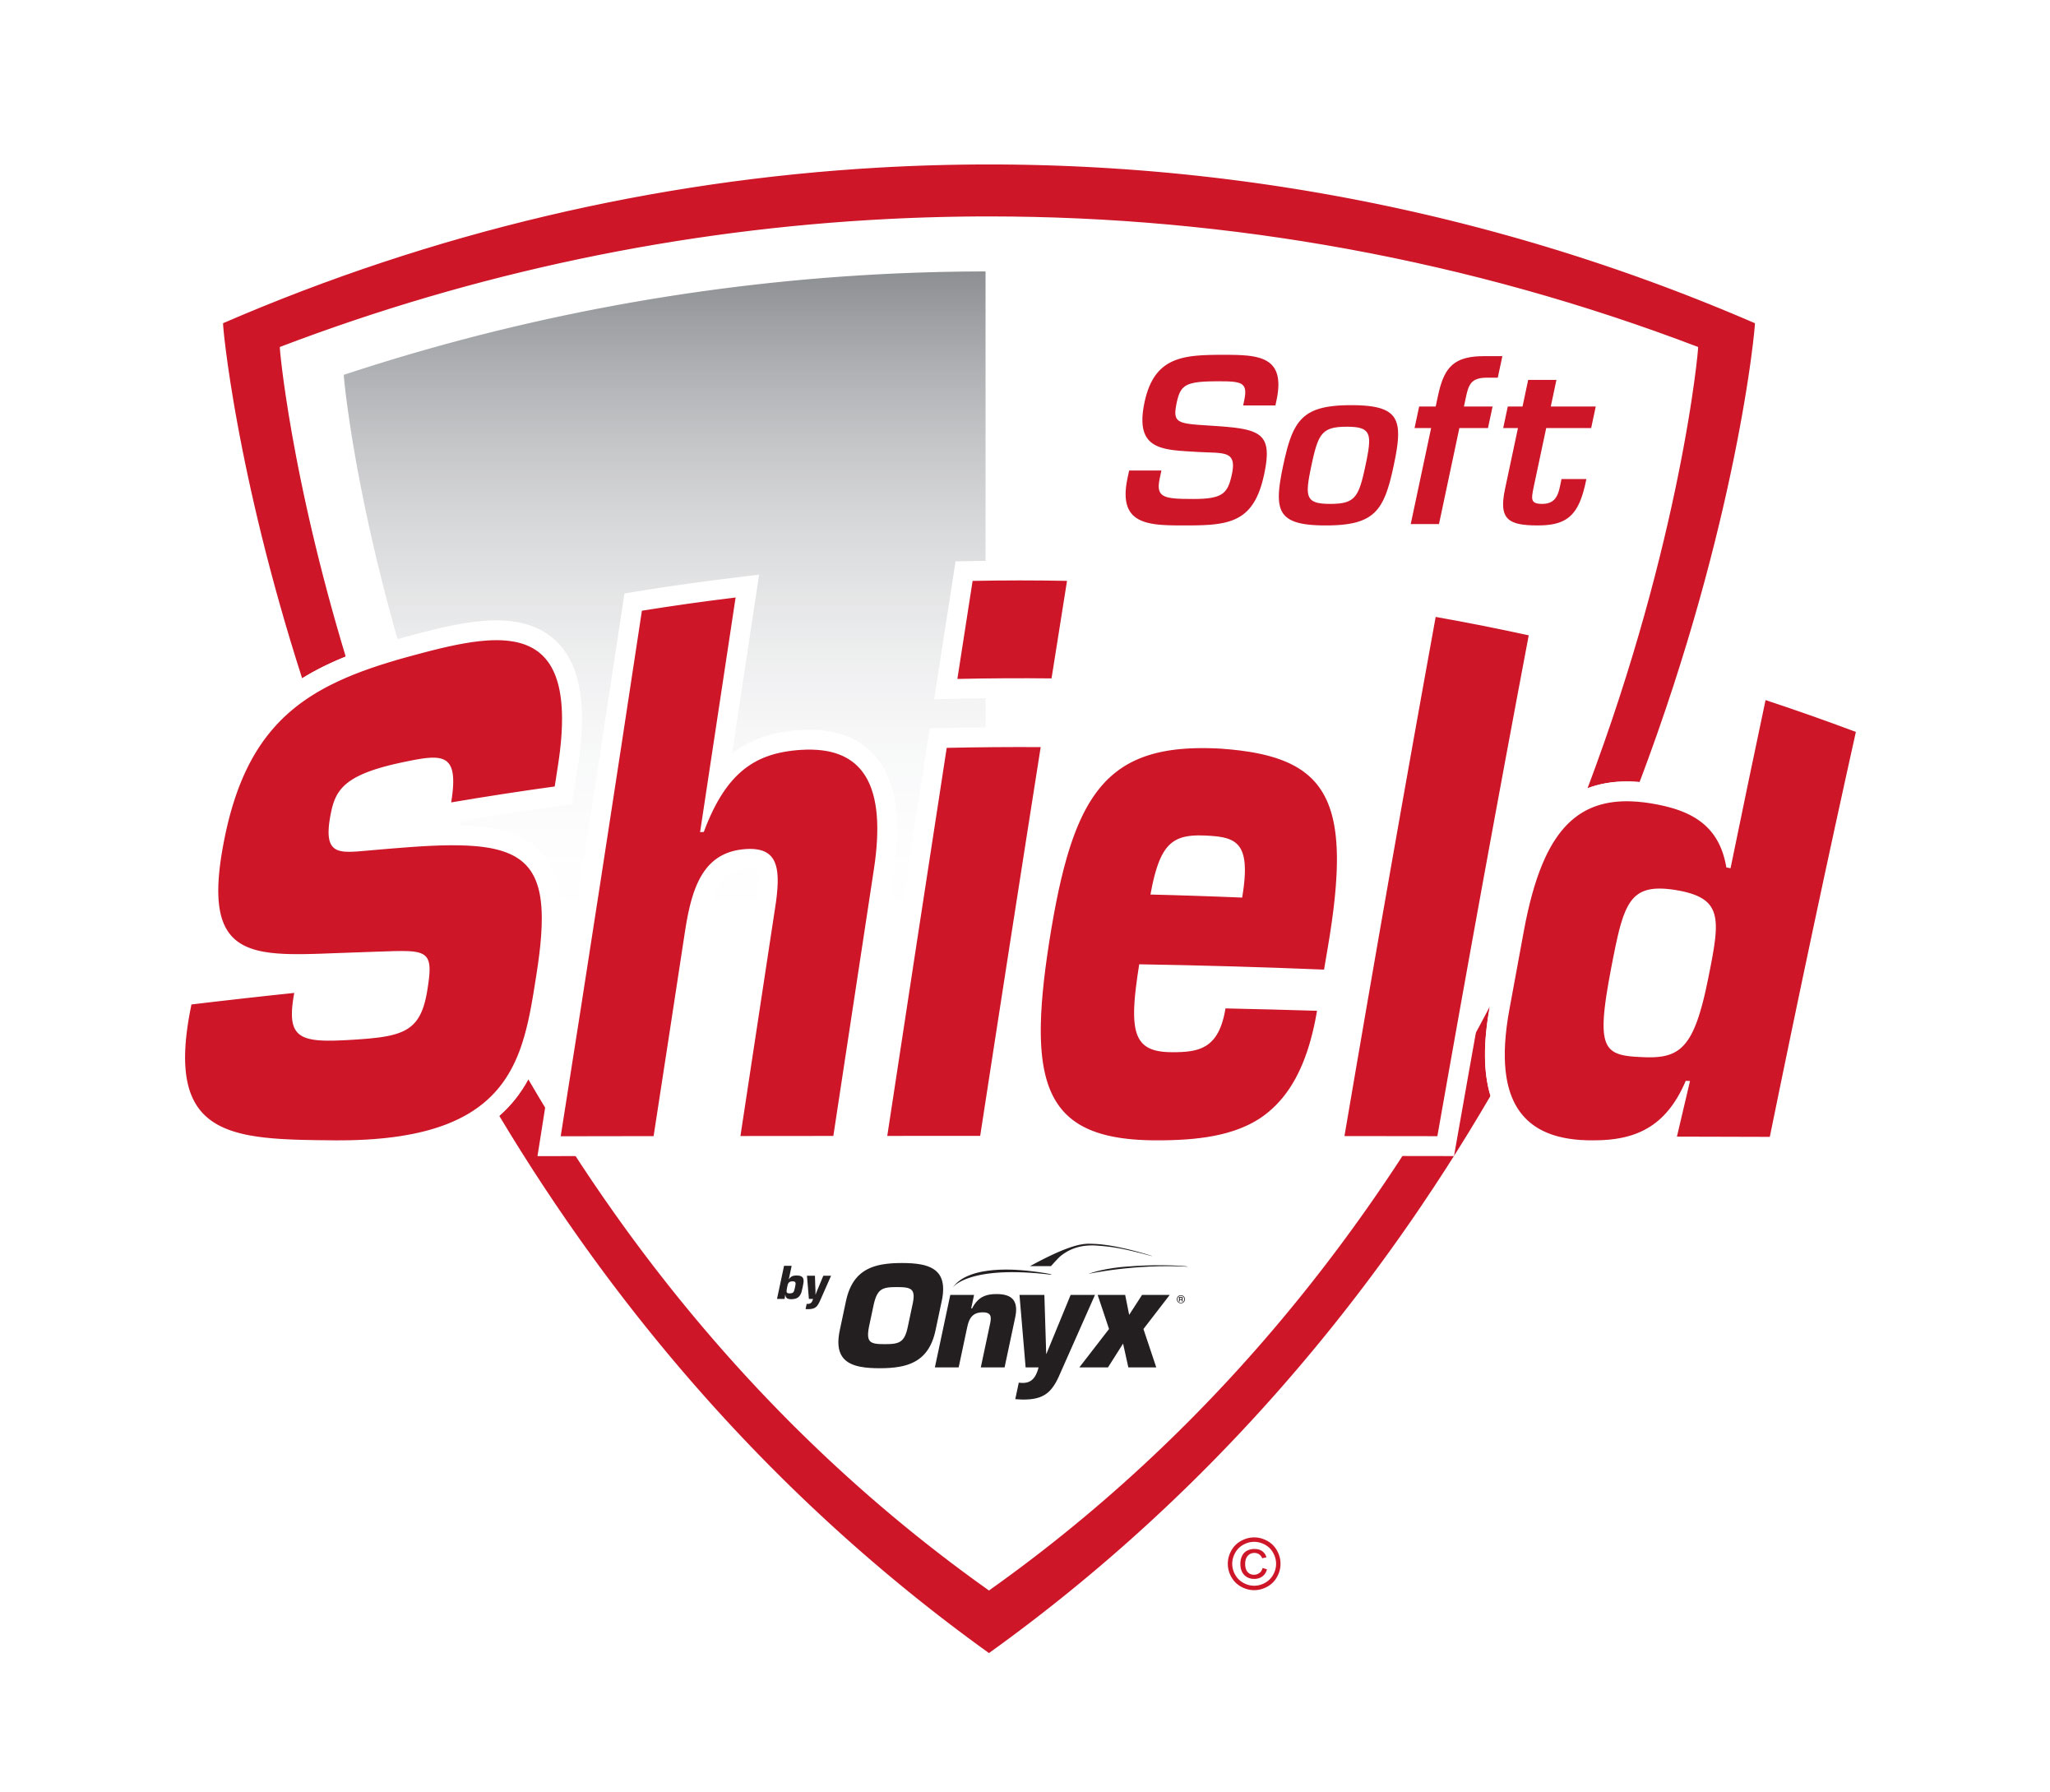 SoftShield by Onyx logo